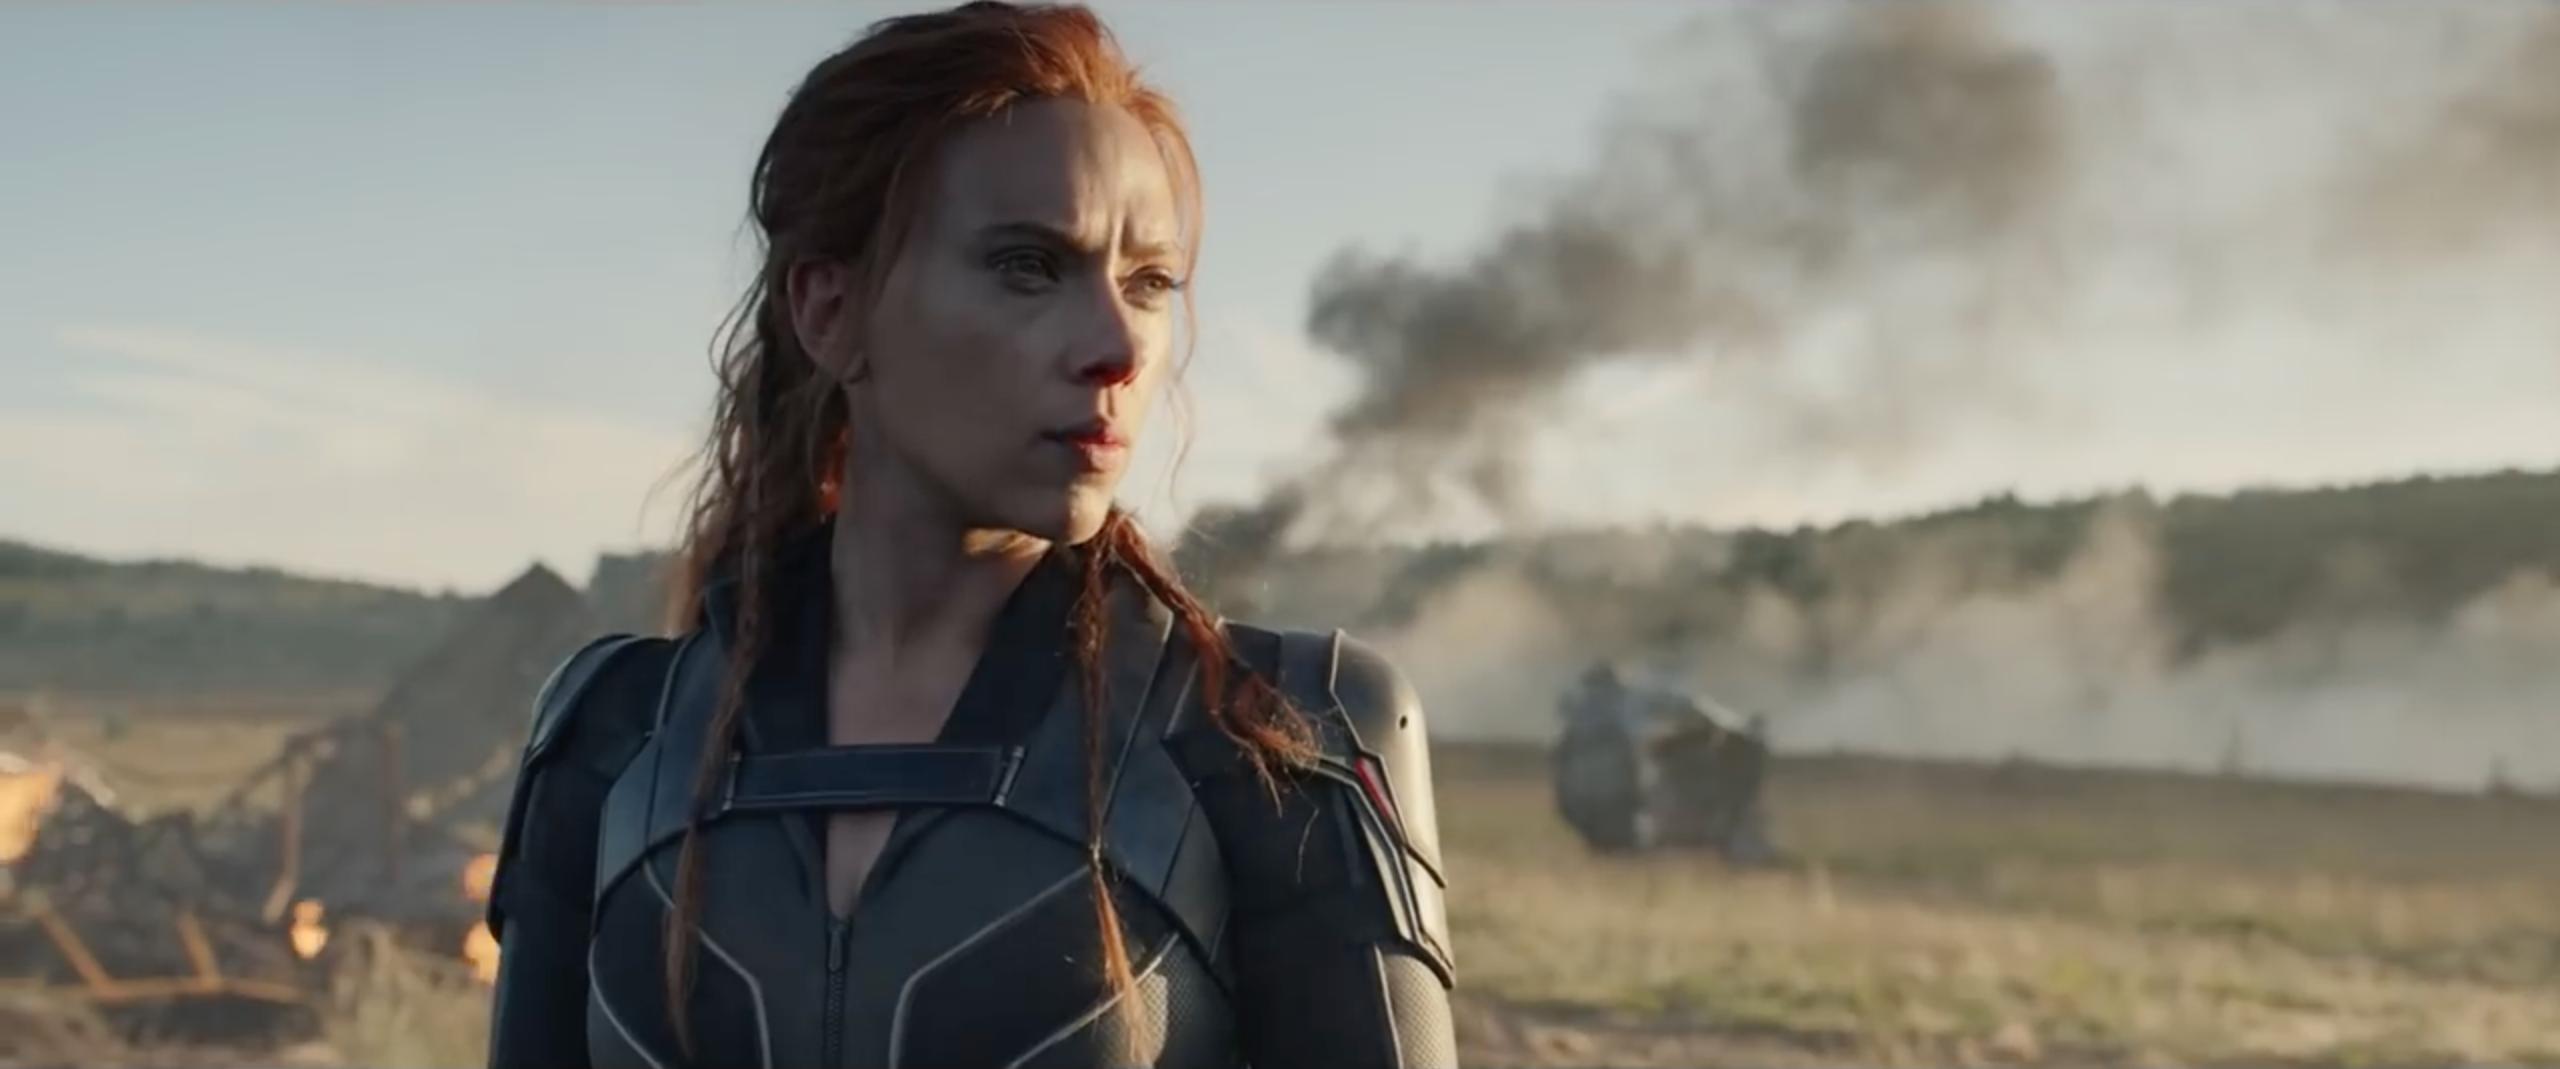 Black Widow (film 2020) - Wikipedia